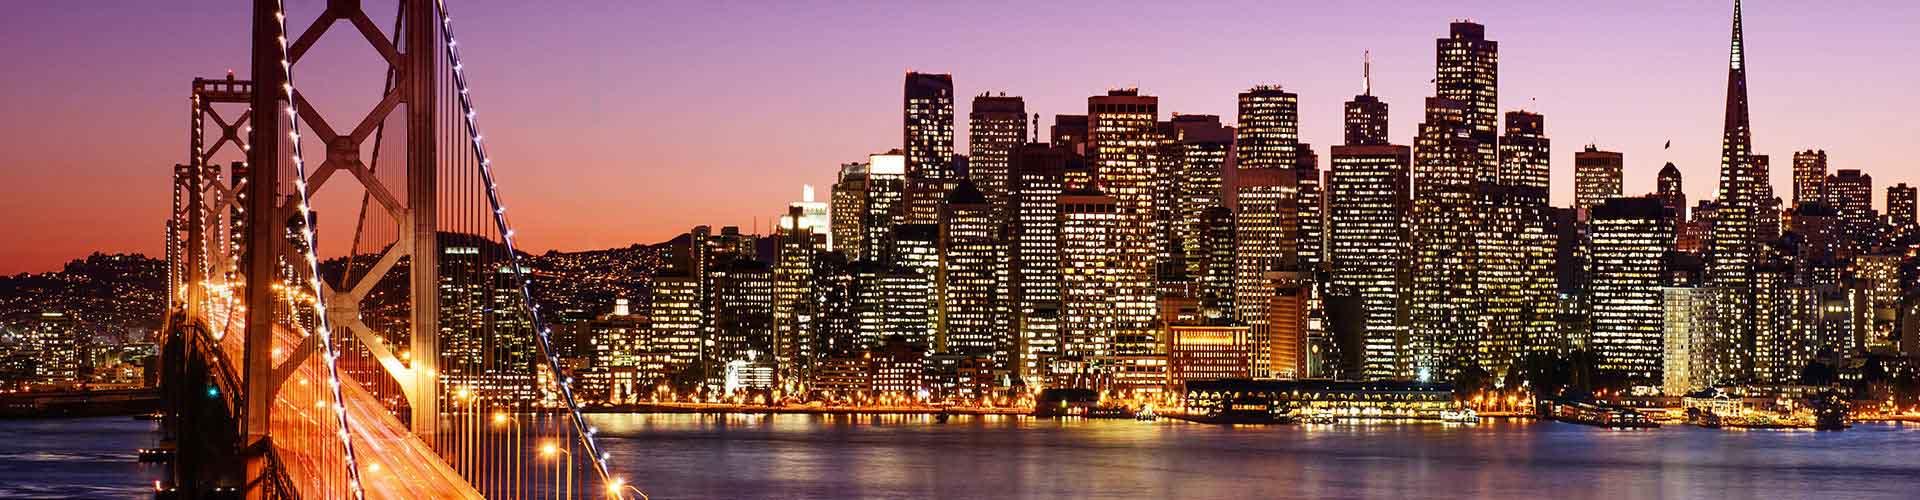 サンフランシスコ – ホステル サンフランシスコ. 地図 サンフランシスコ, すべてのホステルの写真とレビュー サンフランシスコ.